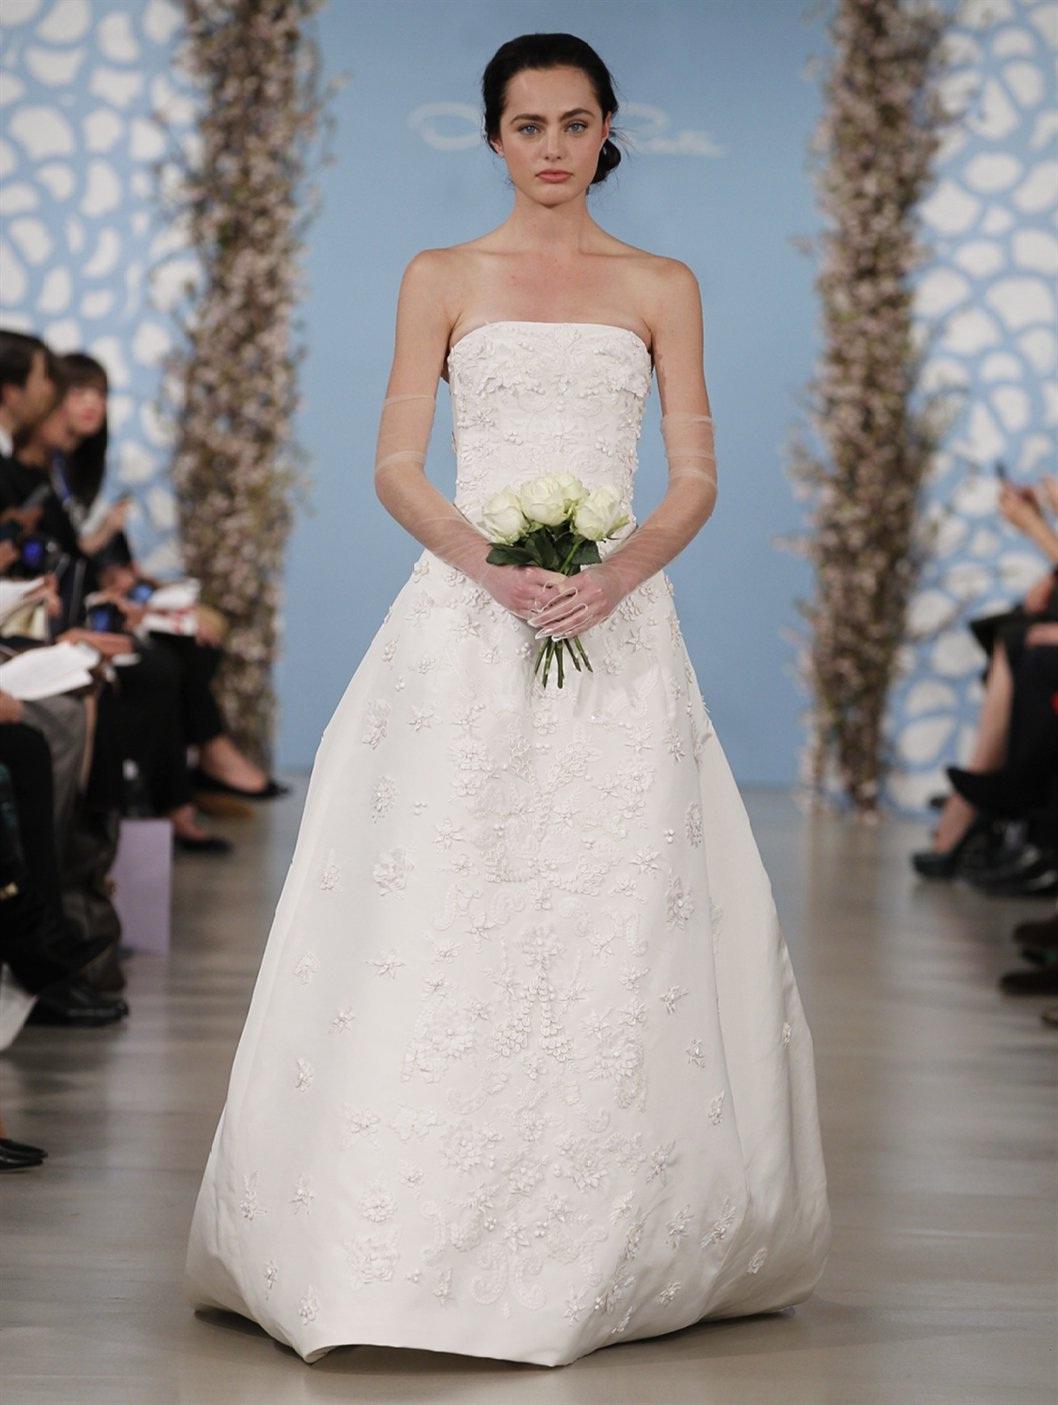 The Spring 2014 Oscar de la Renta Bridal Collection